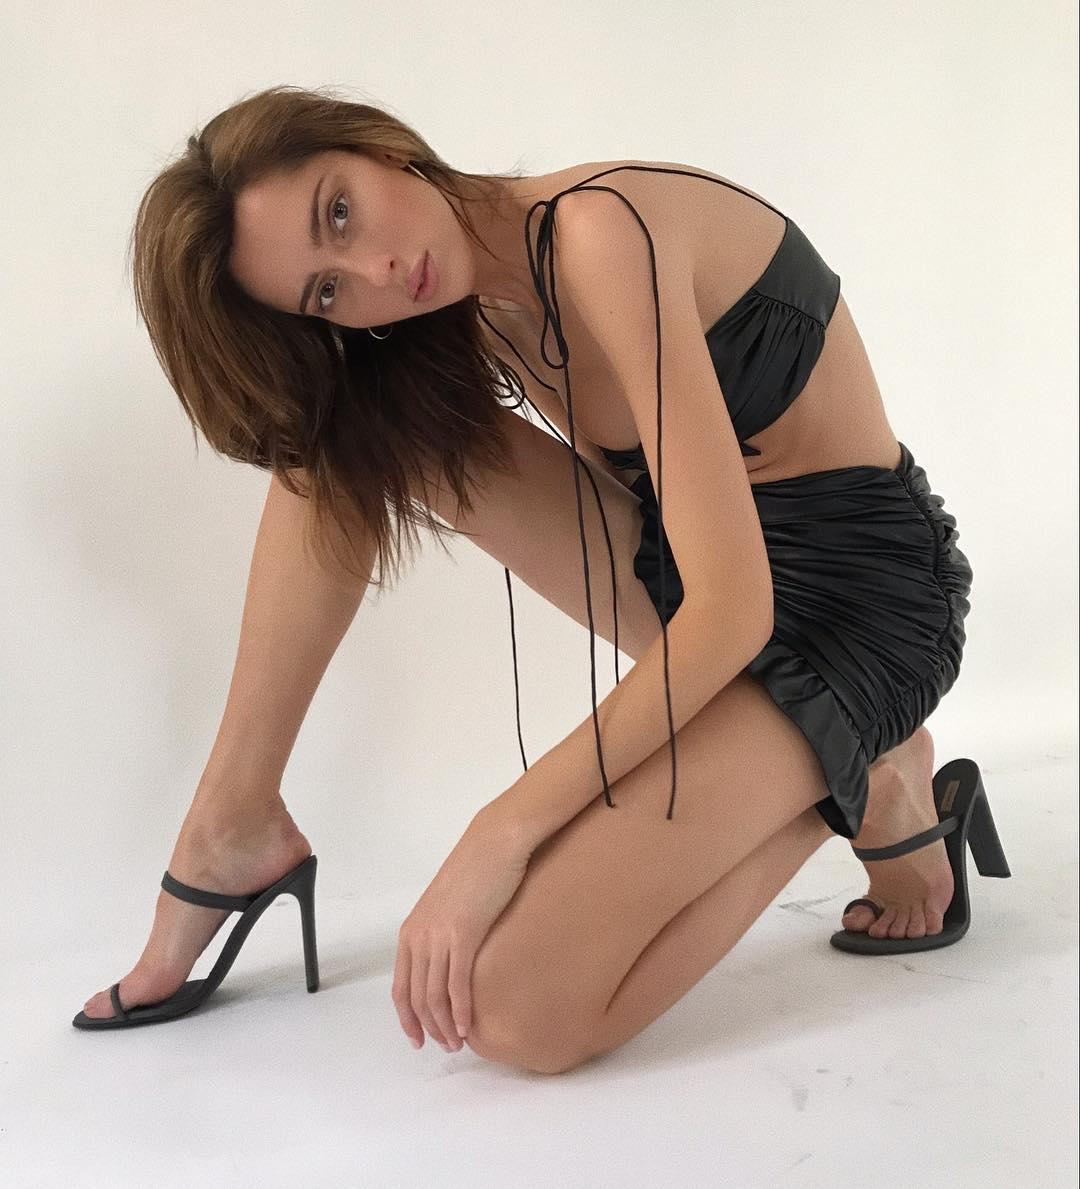 Трансгендерная модель Тедди Квинливан стала лицом Chanel Beauty-Фото 1